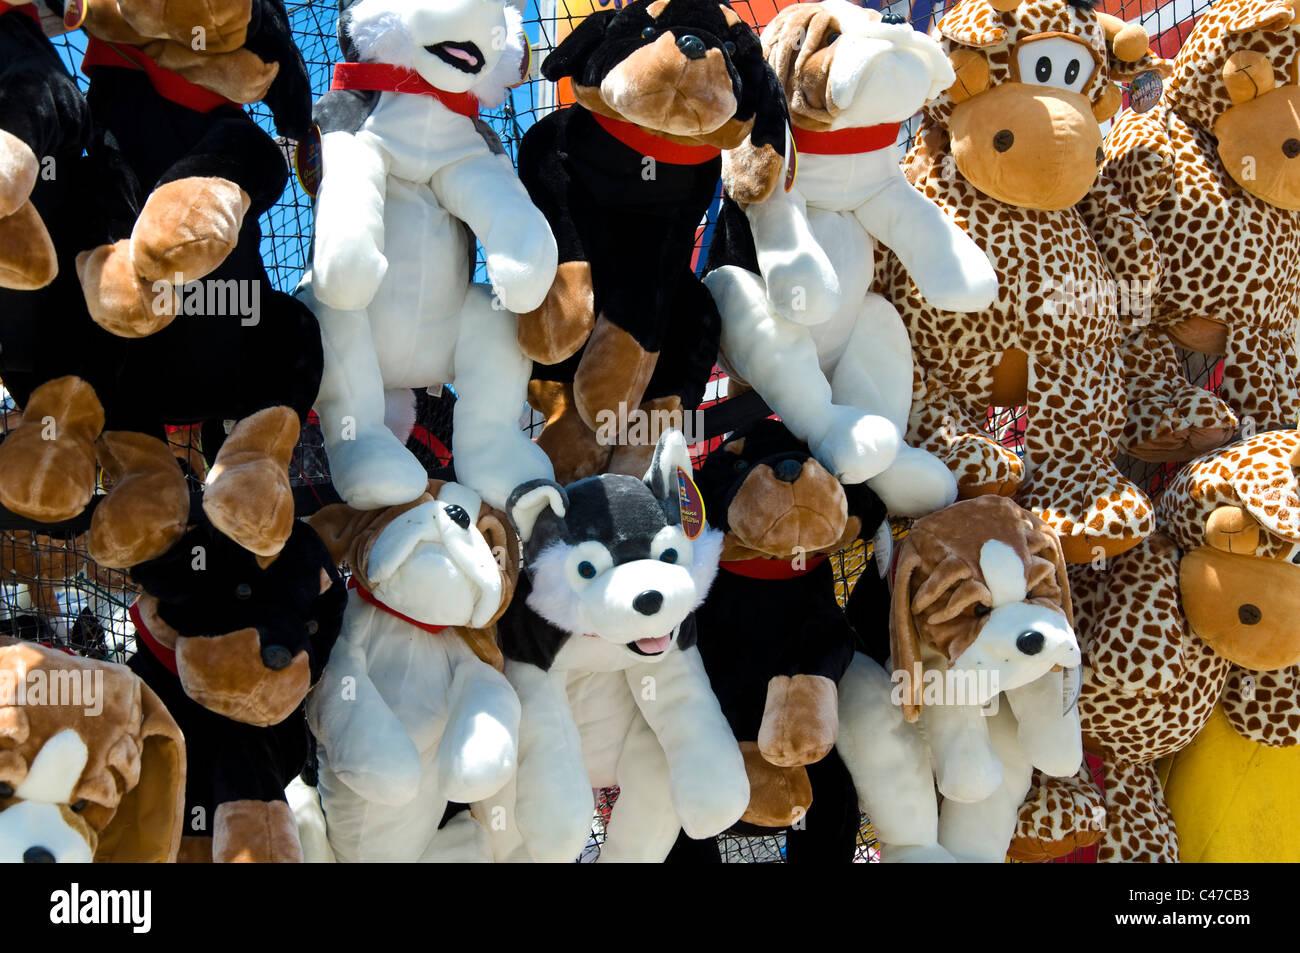 Toys Photo Stock